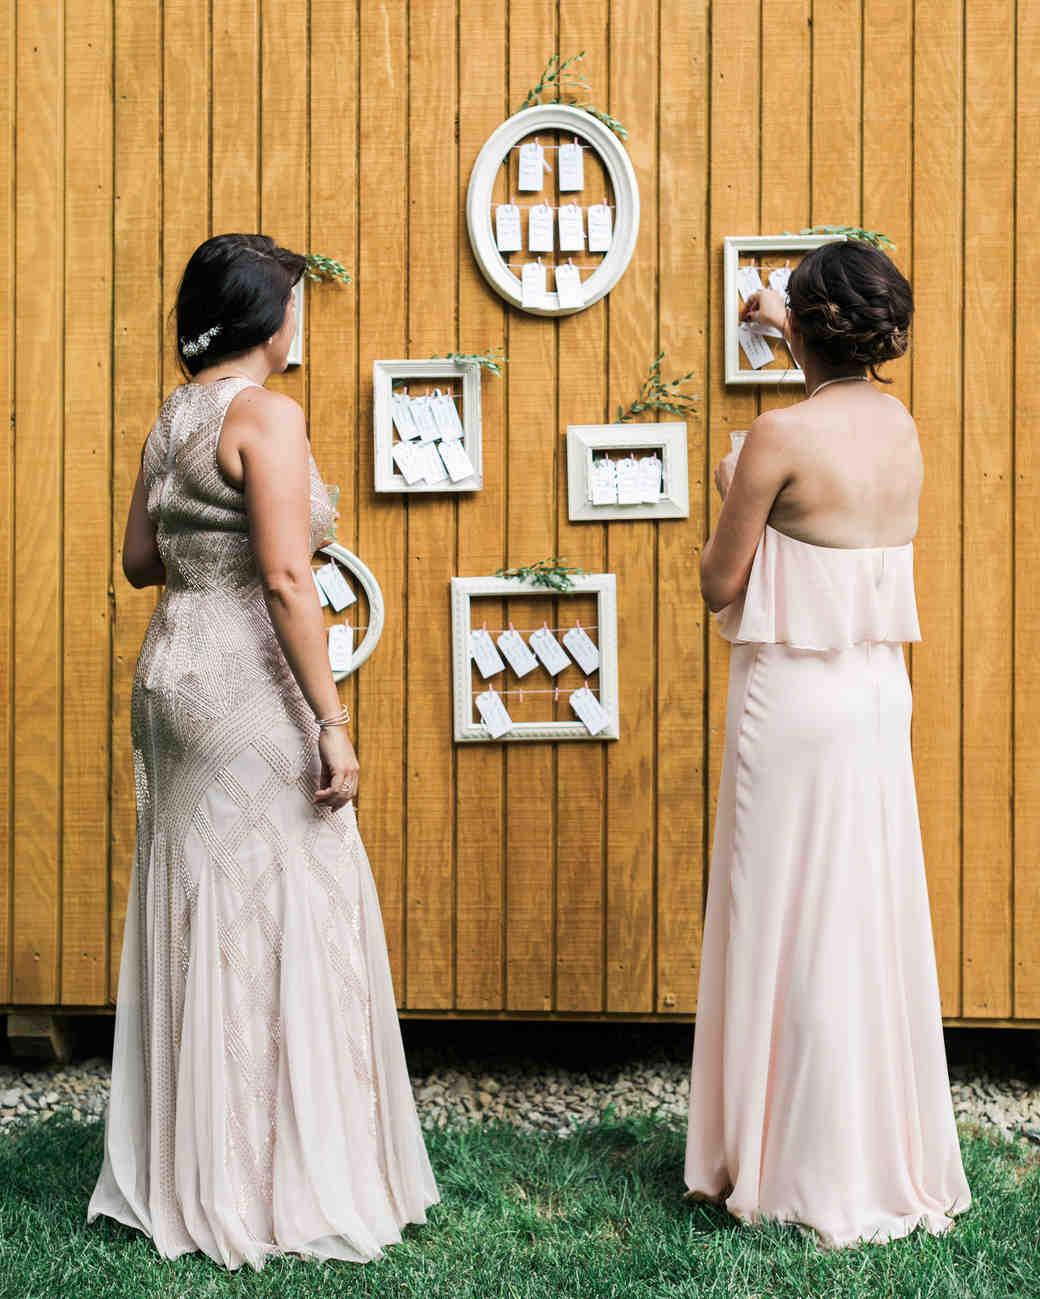 vanessa steven wedding escort cards